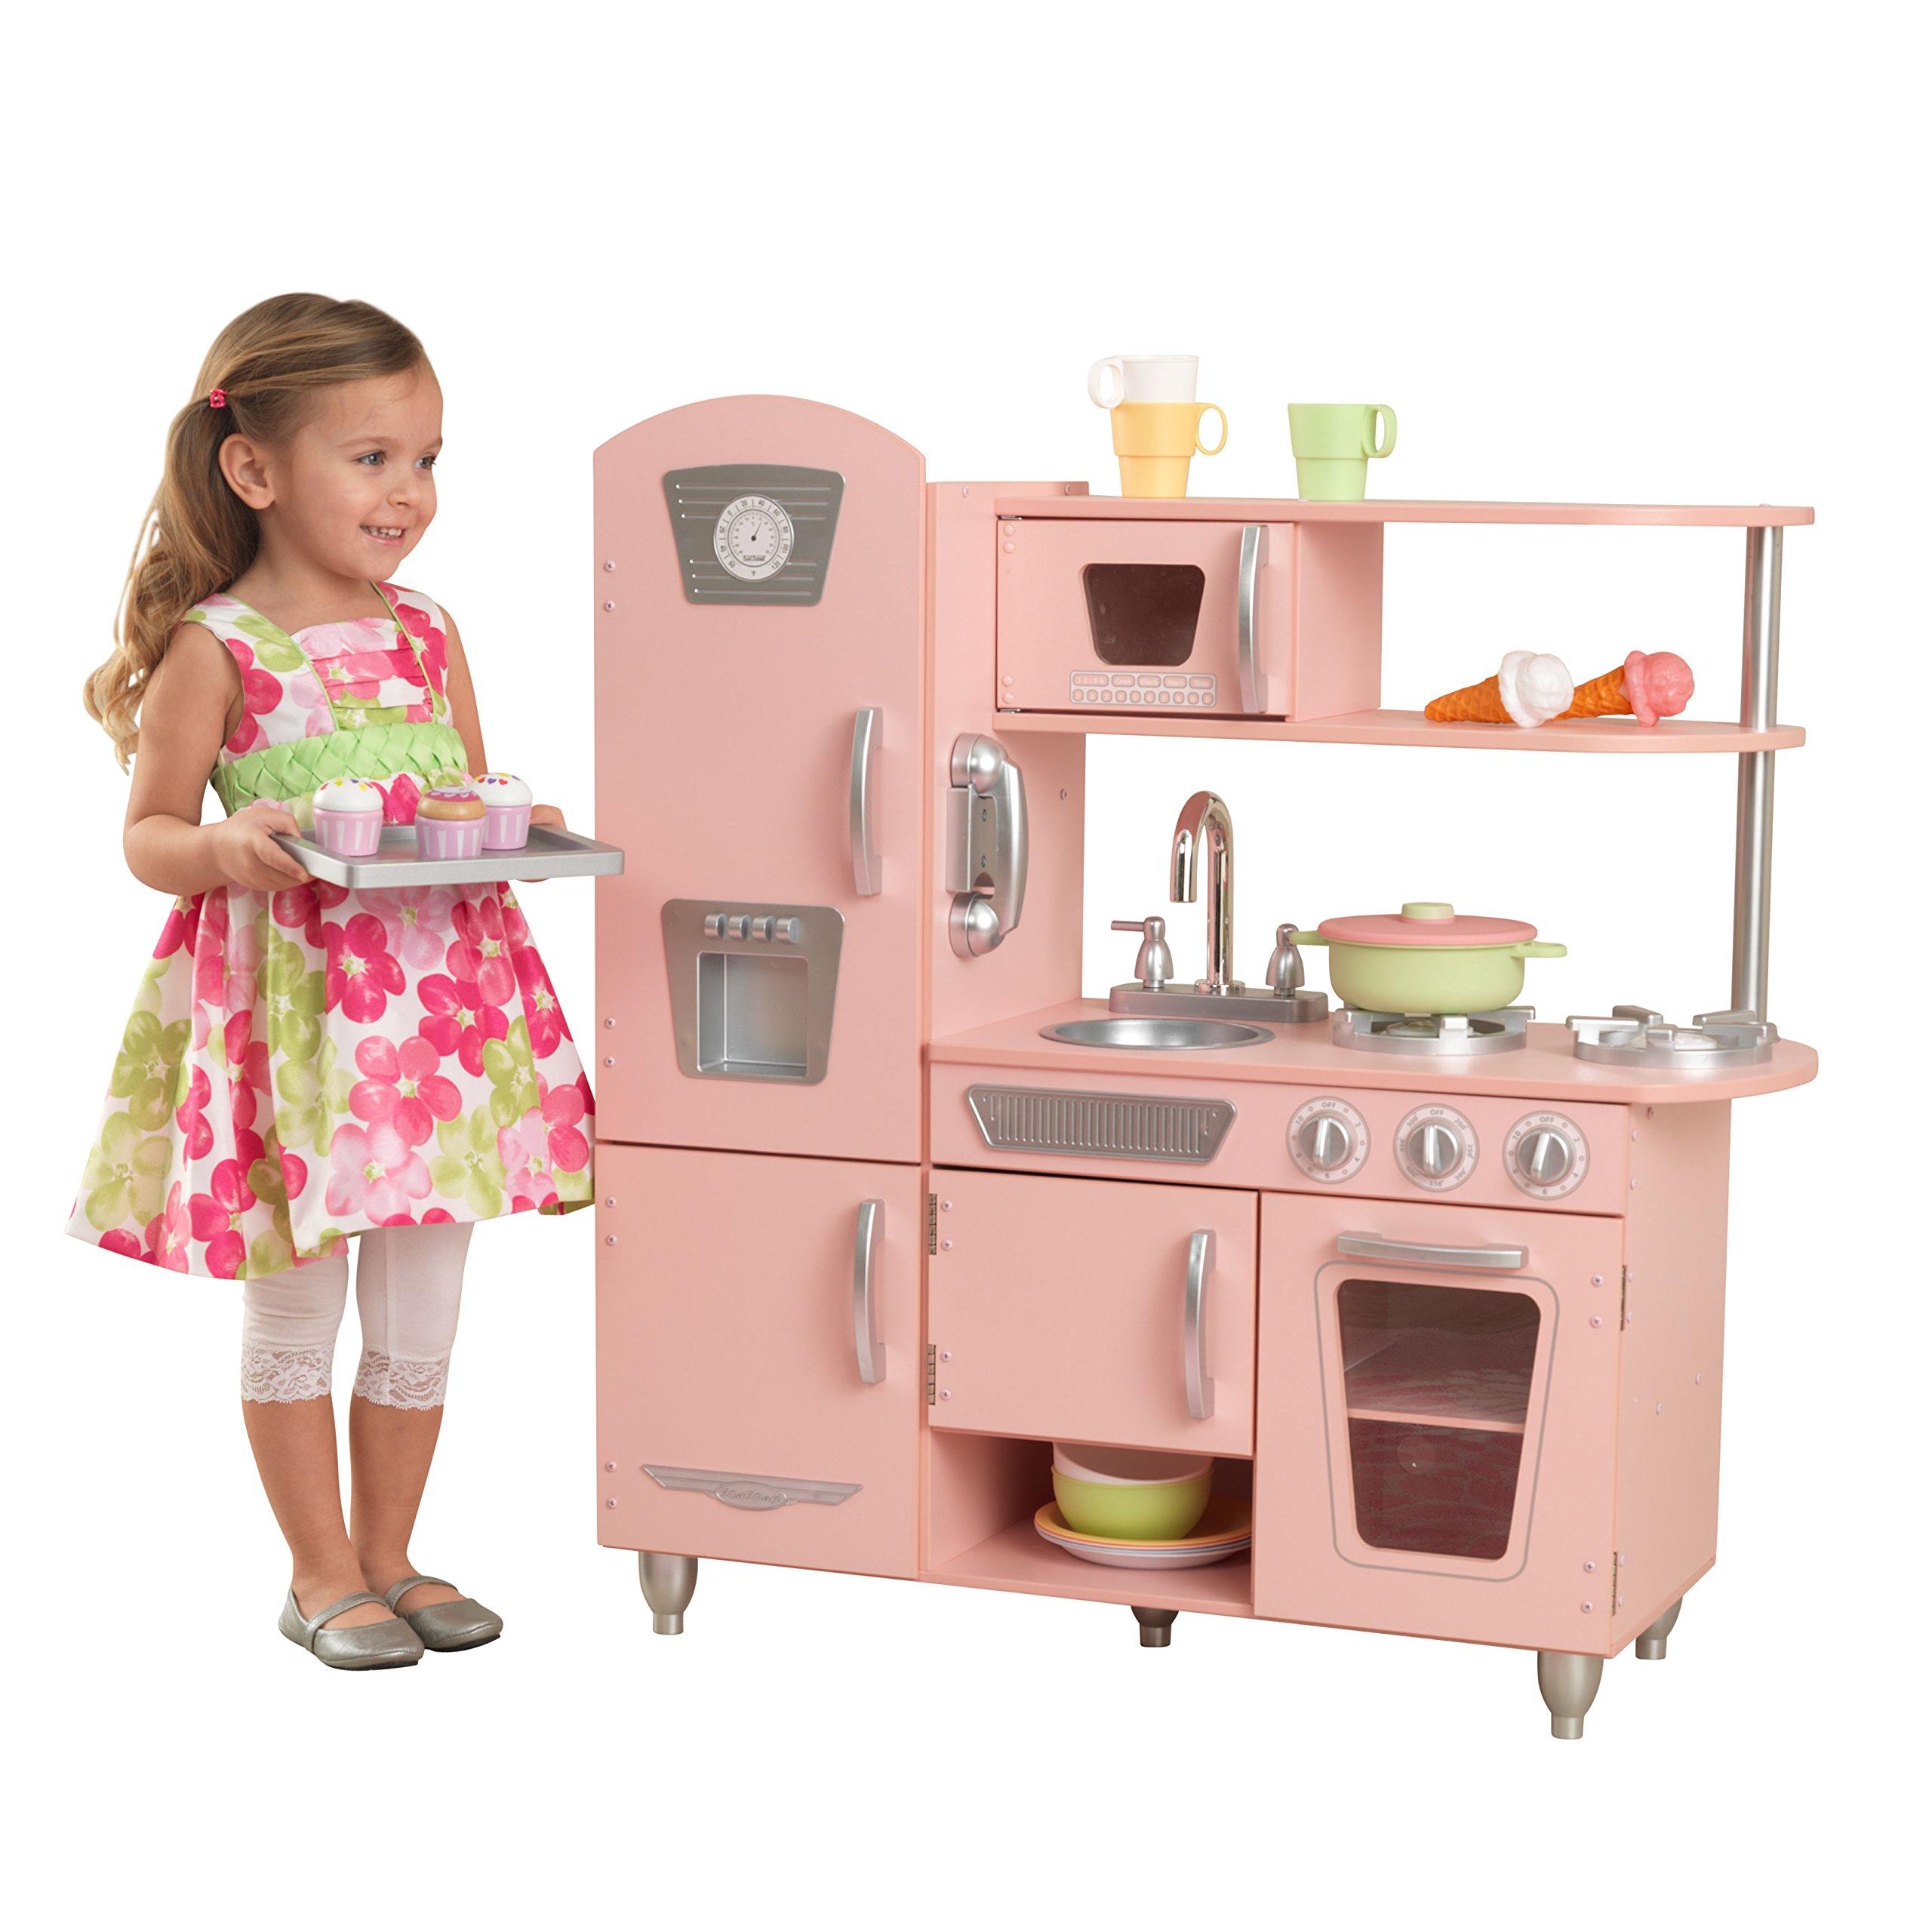 Kidkraft Vintage Kitchen in Pink by KidKraft